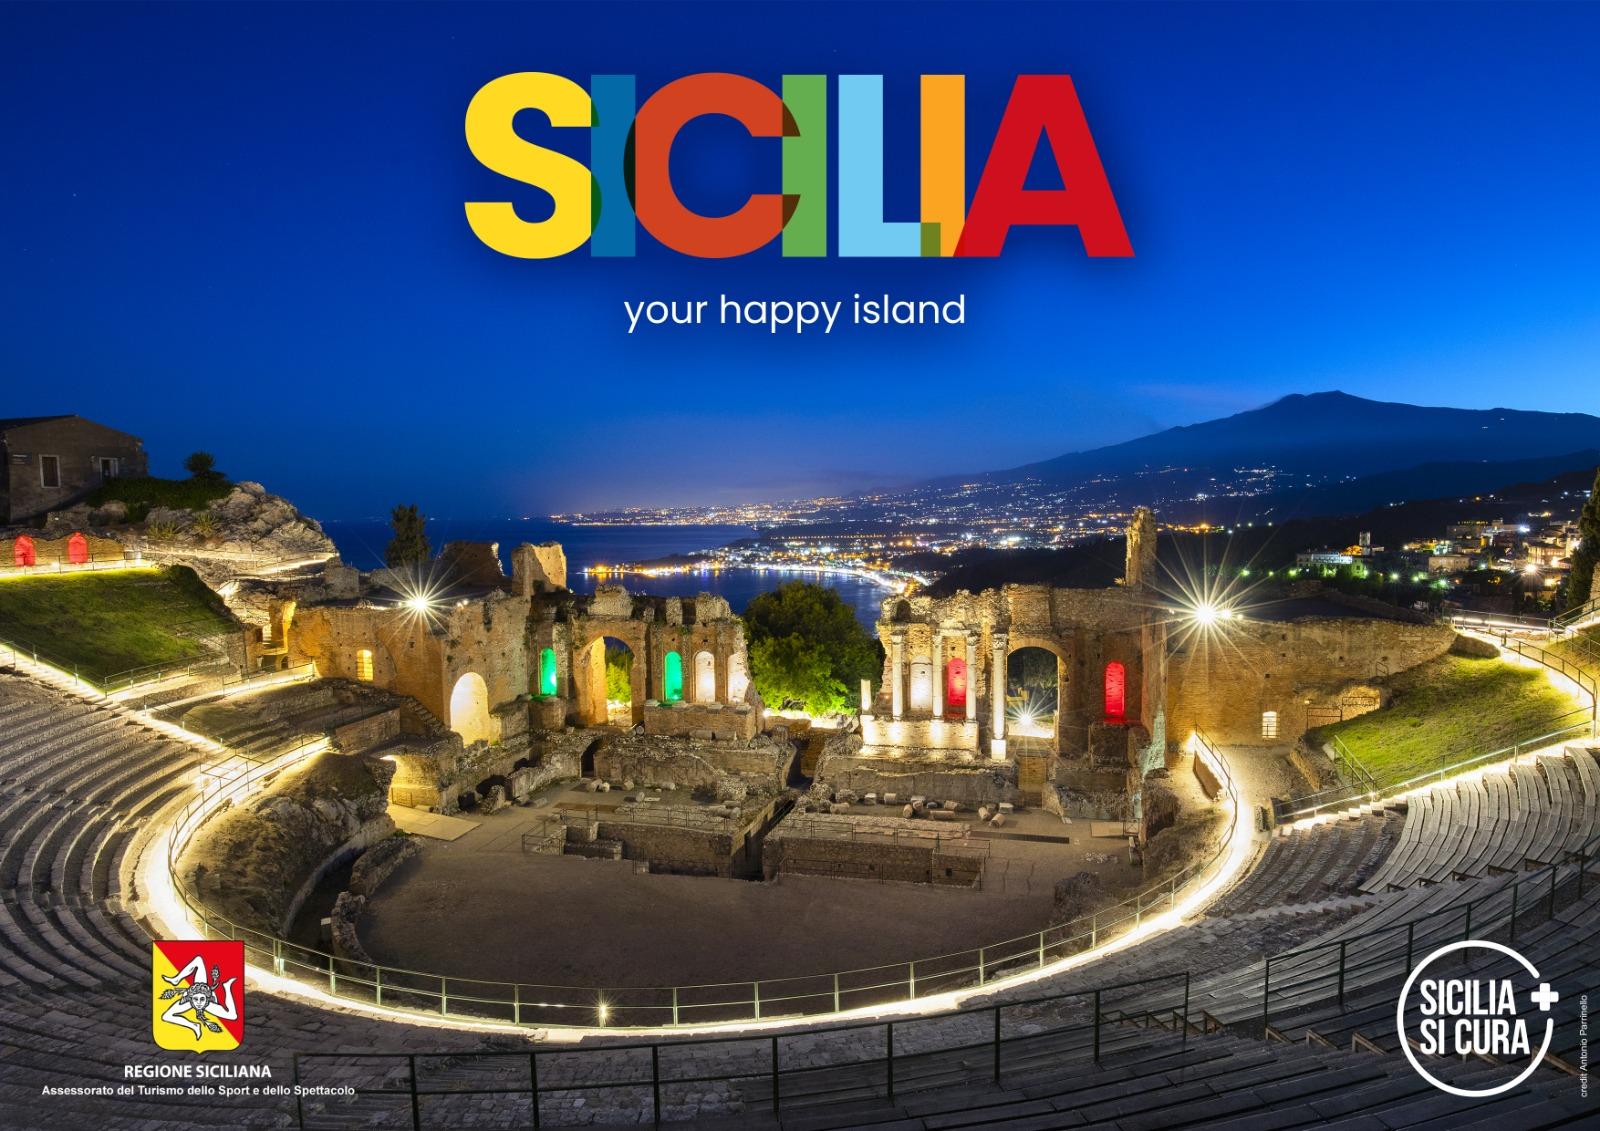 """""""Sicilia: your happy Island"""", la Regione Siciliana presenta logo e spot per rilanciare il turismo – FOTO e VIDEO"""